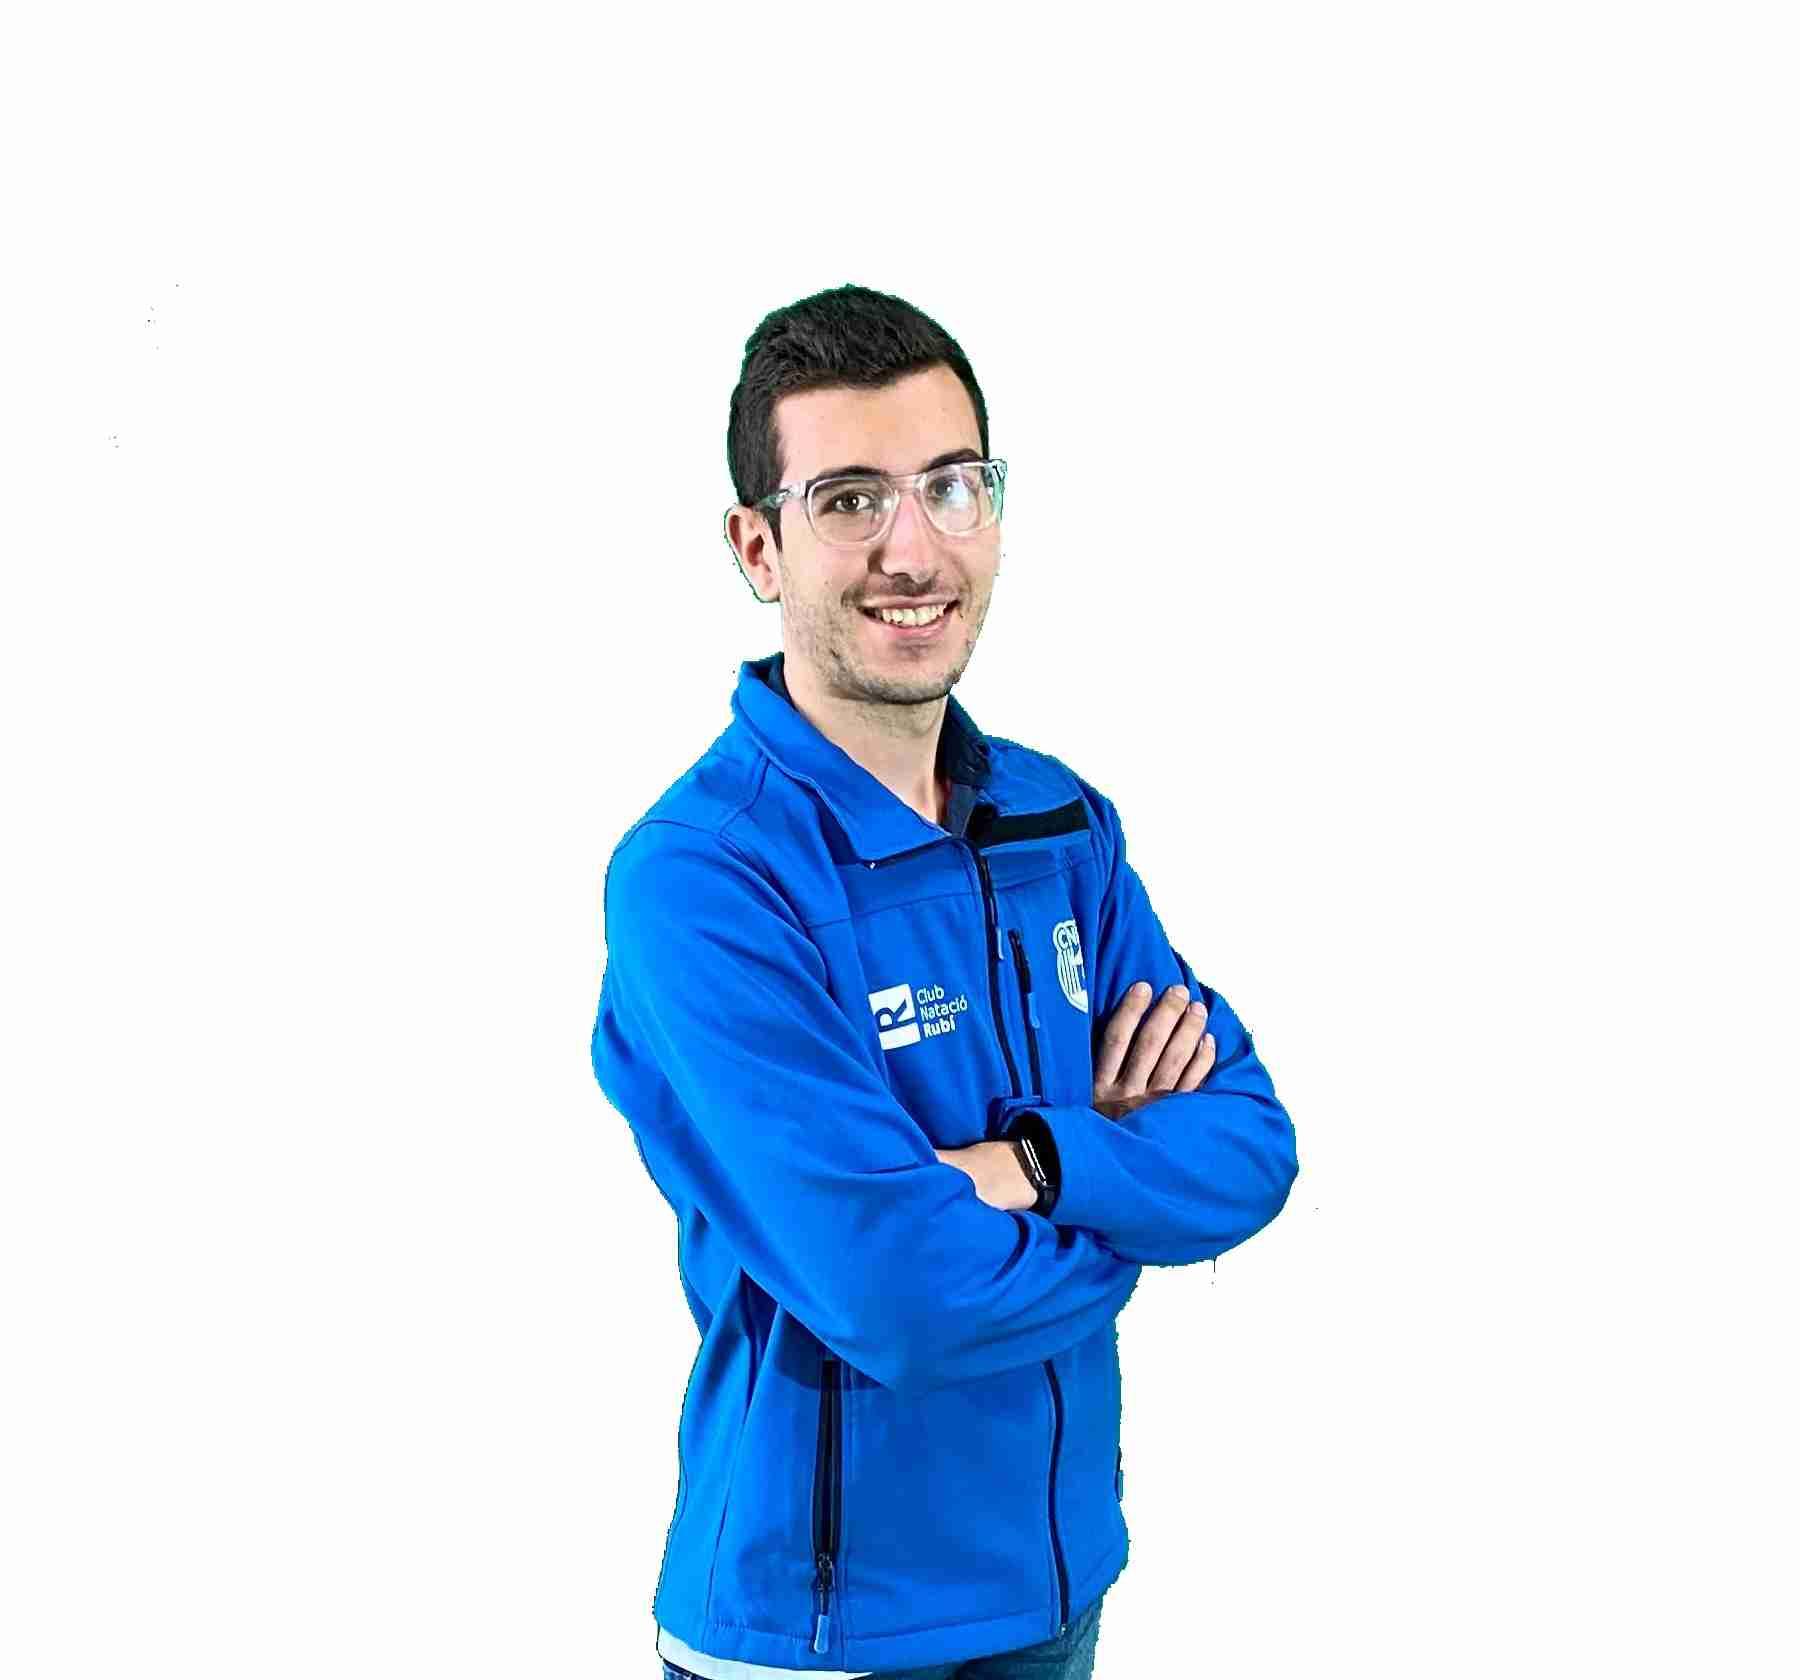 Sr. Aleix Janer